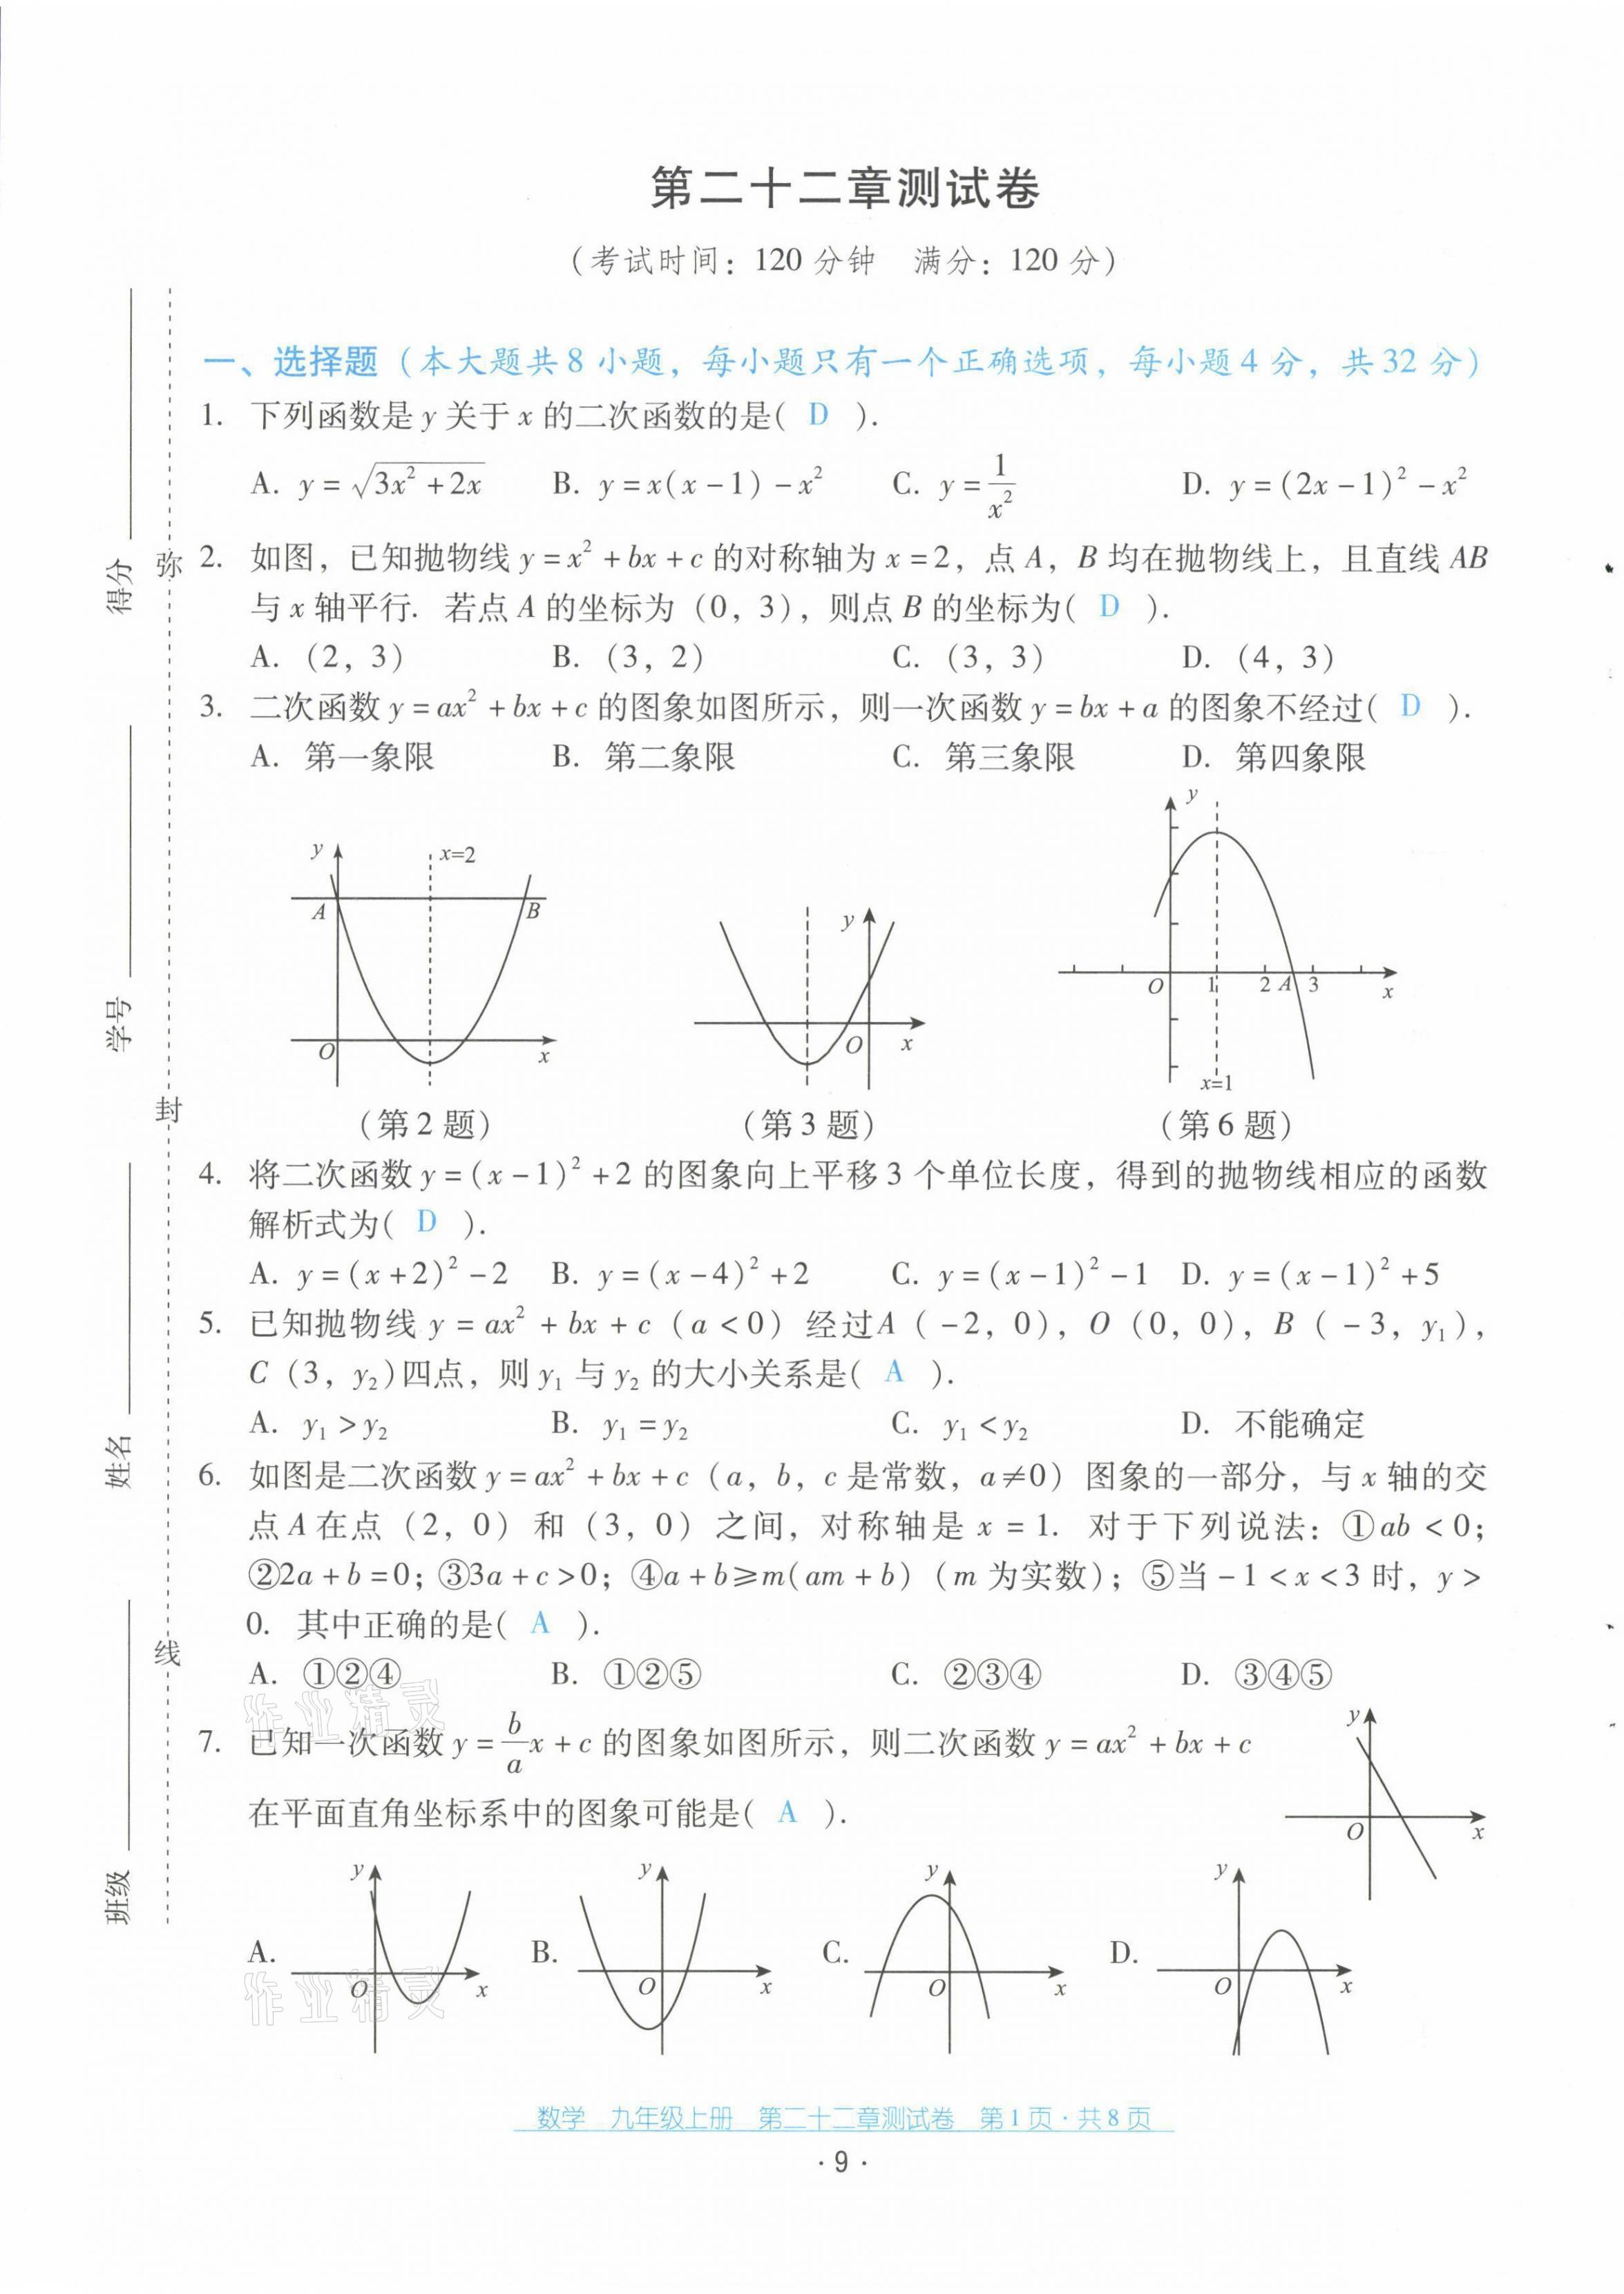 2021年云南省标准教辅优佳学案配套测试卷九年级数学上册人教版第9页